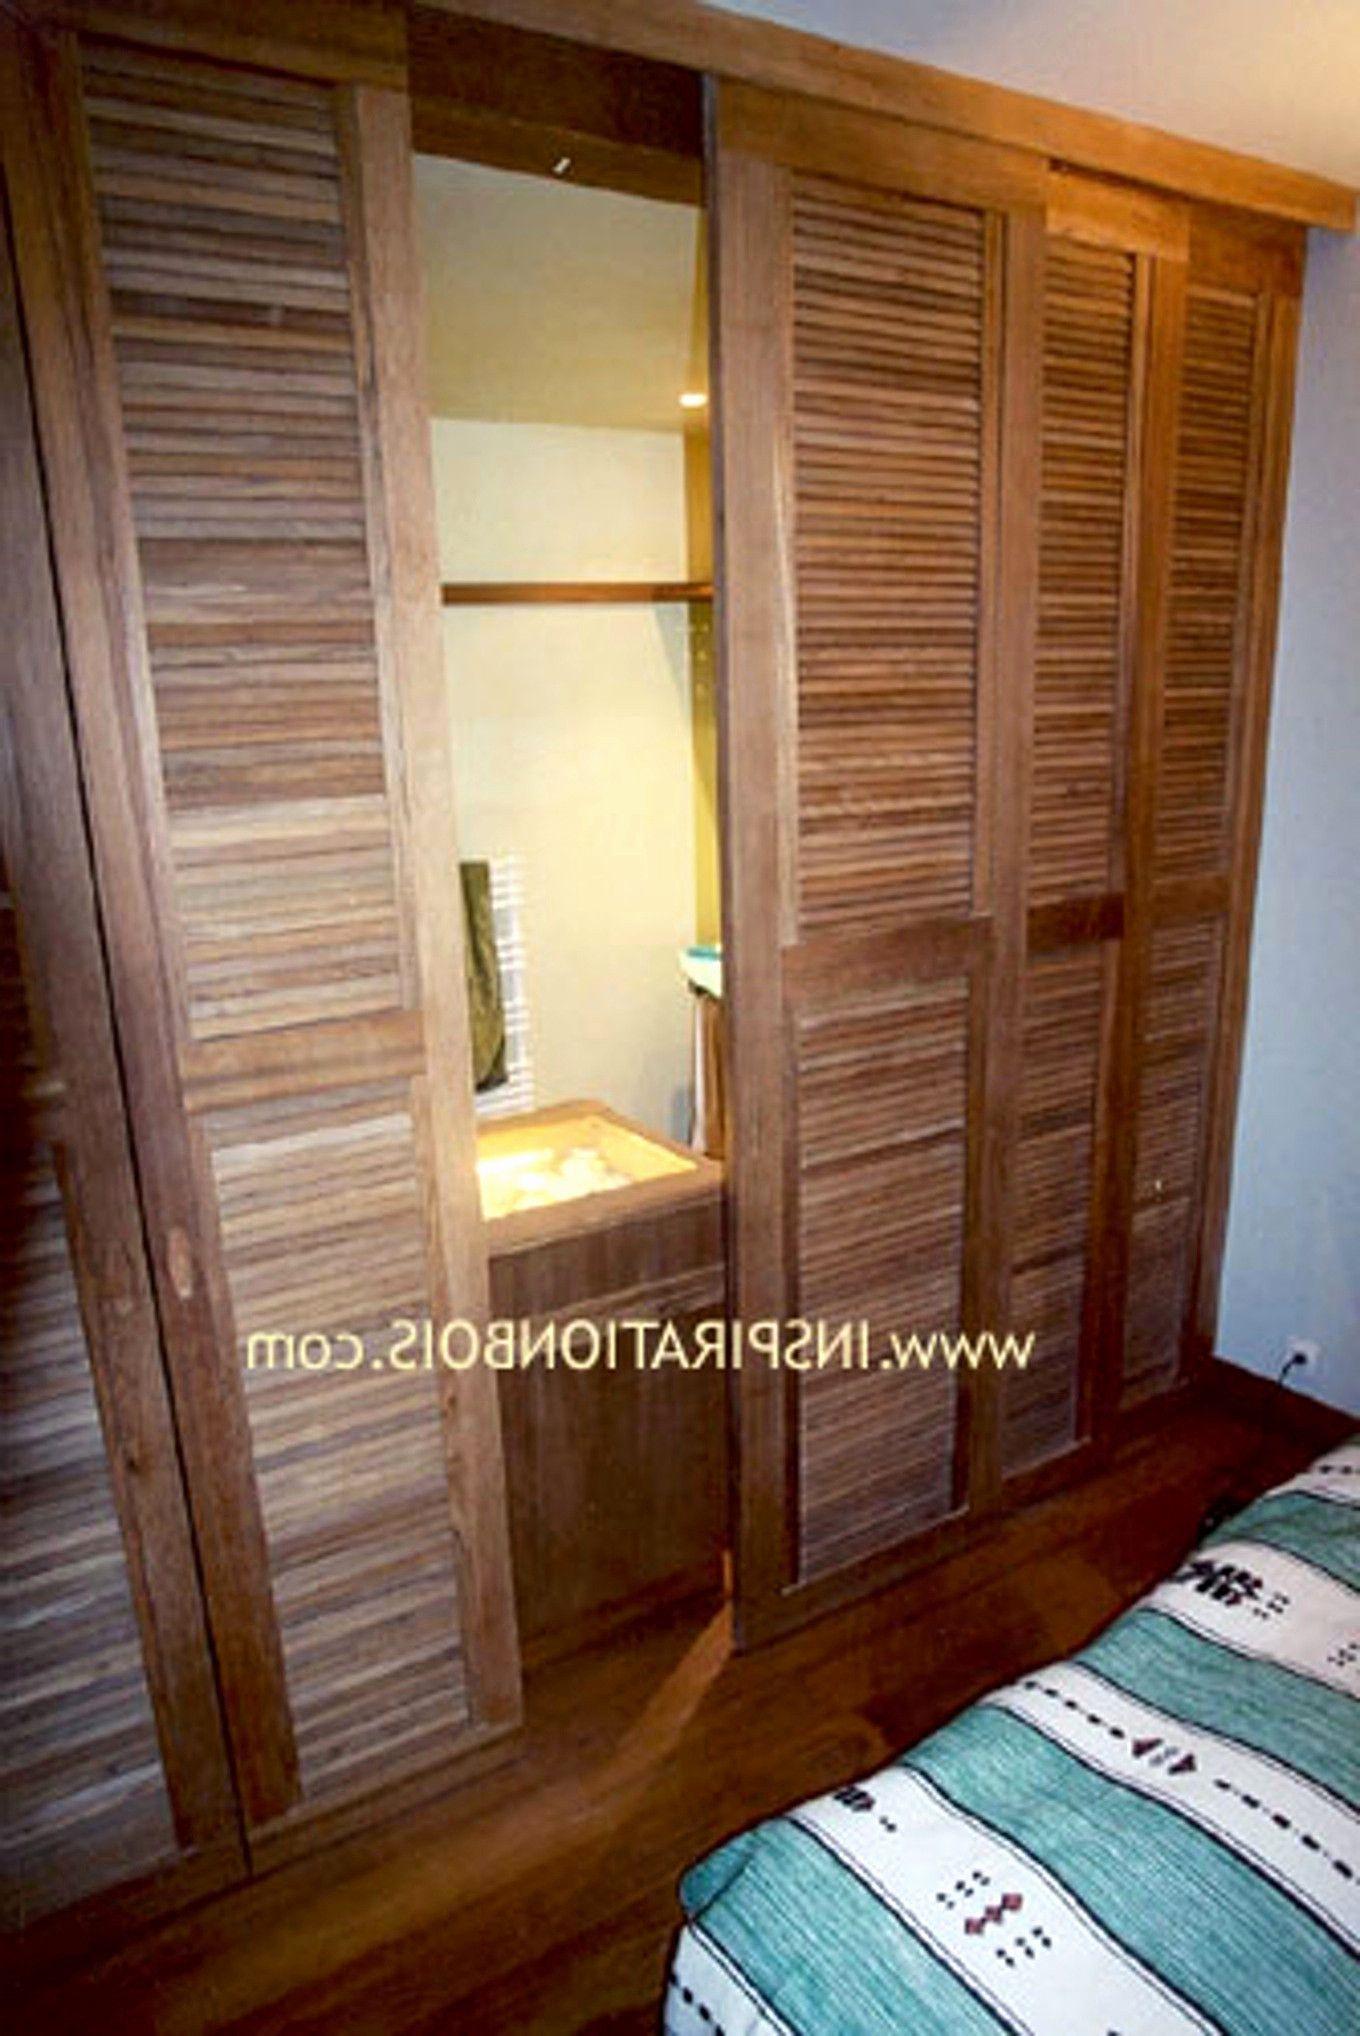 porte de placard persienne castorama